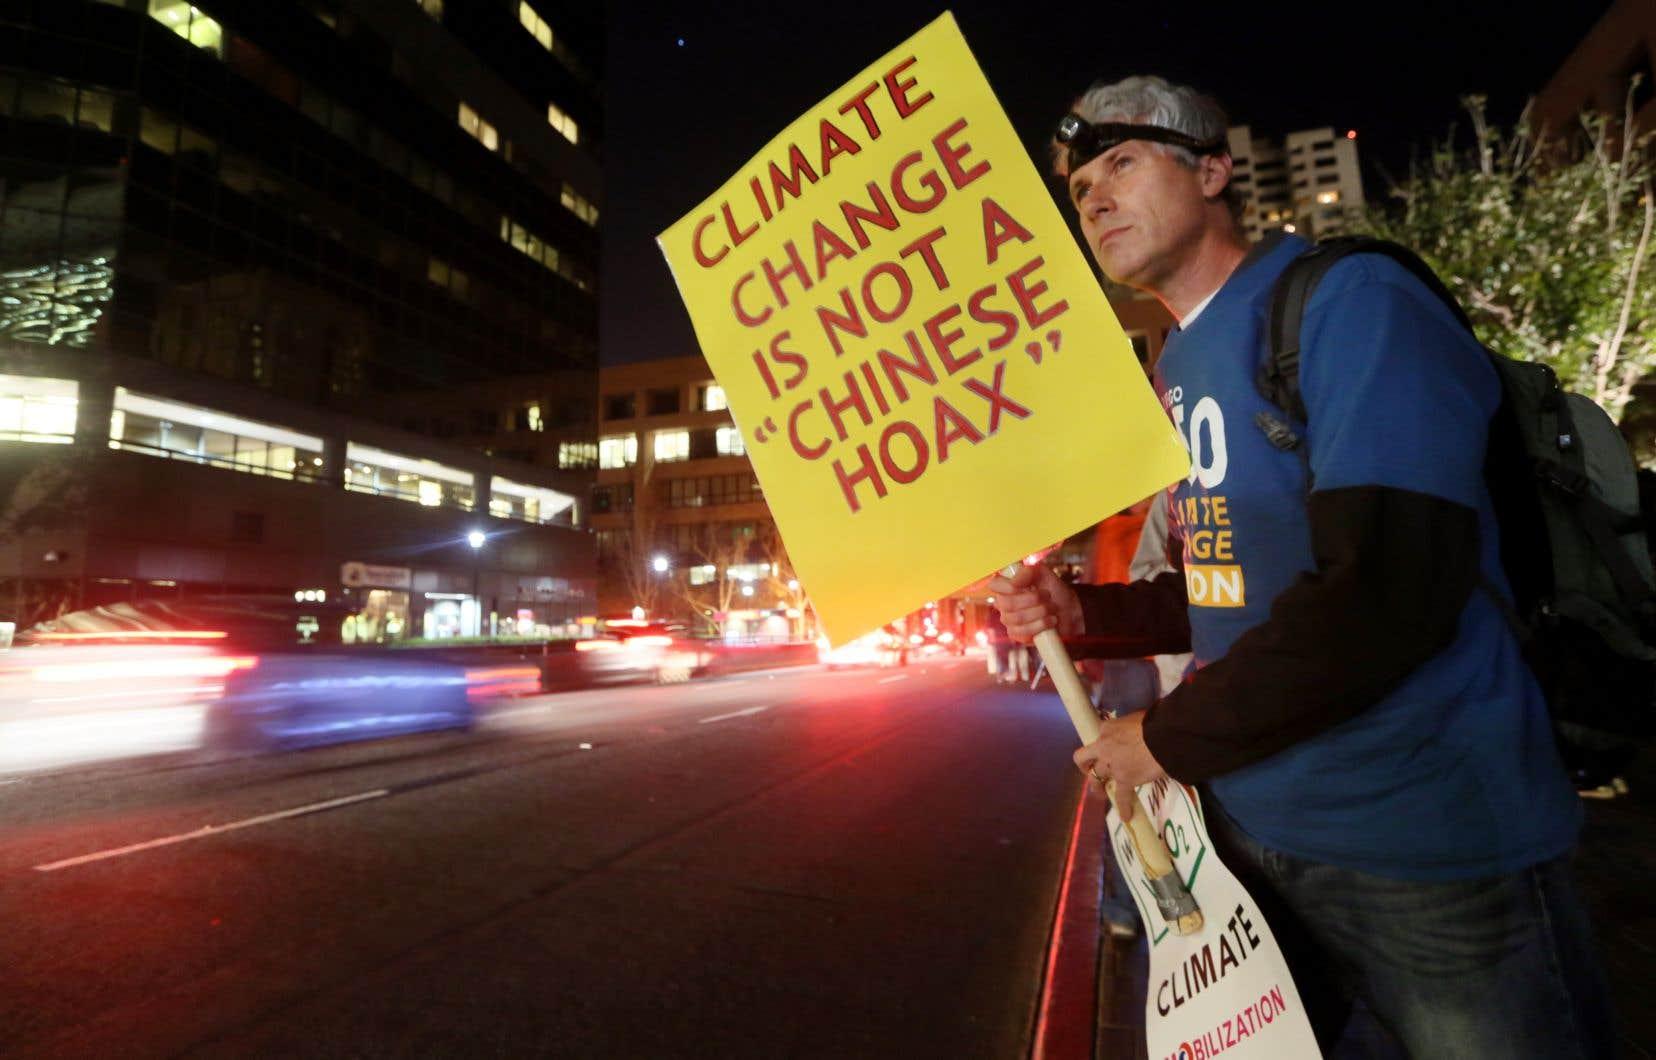 «Nous avons découvert que la visibilité des négateurs du climat a été 49% plus importante que celle du changement climatique», ont écrit les auteurs de l'étude dirigée par Alexander Petersen, de l'université de Californie à Merced.